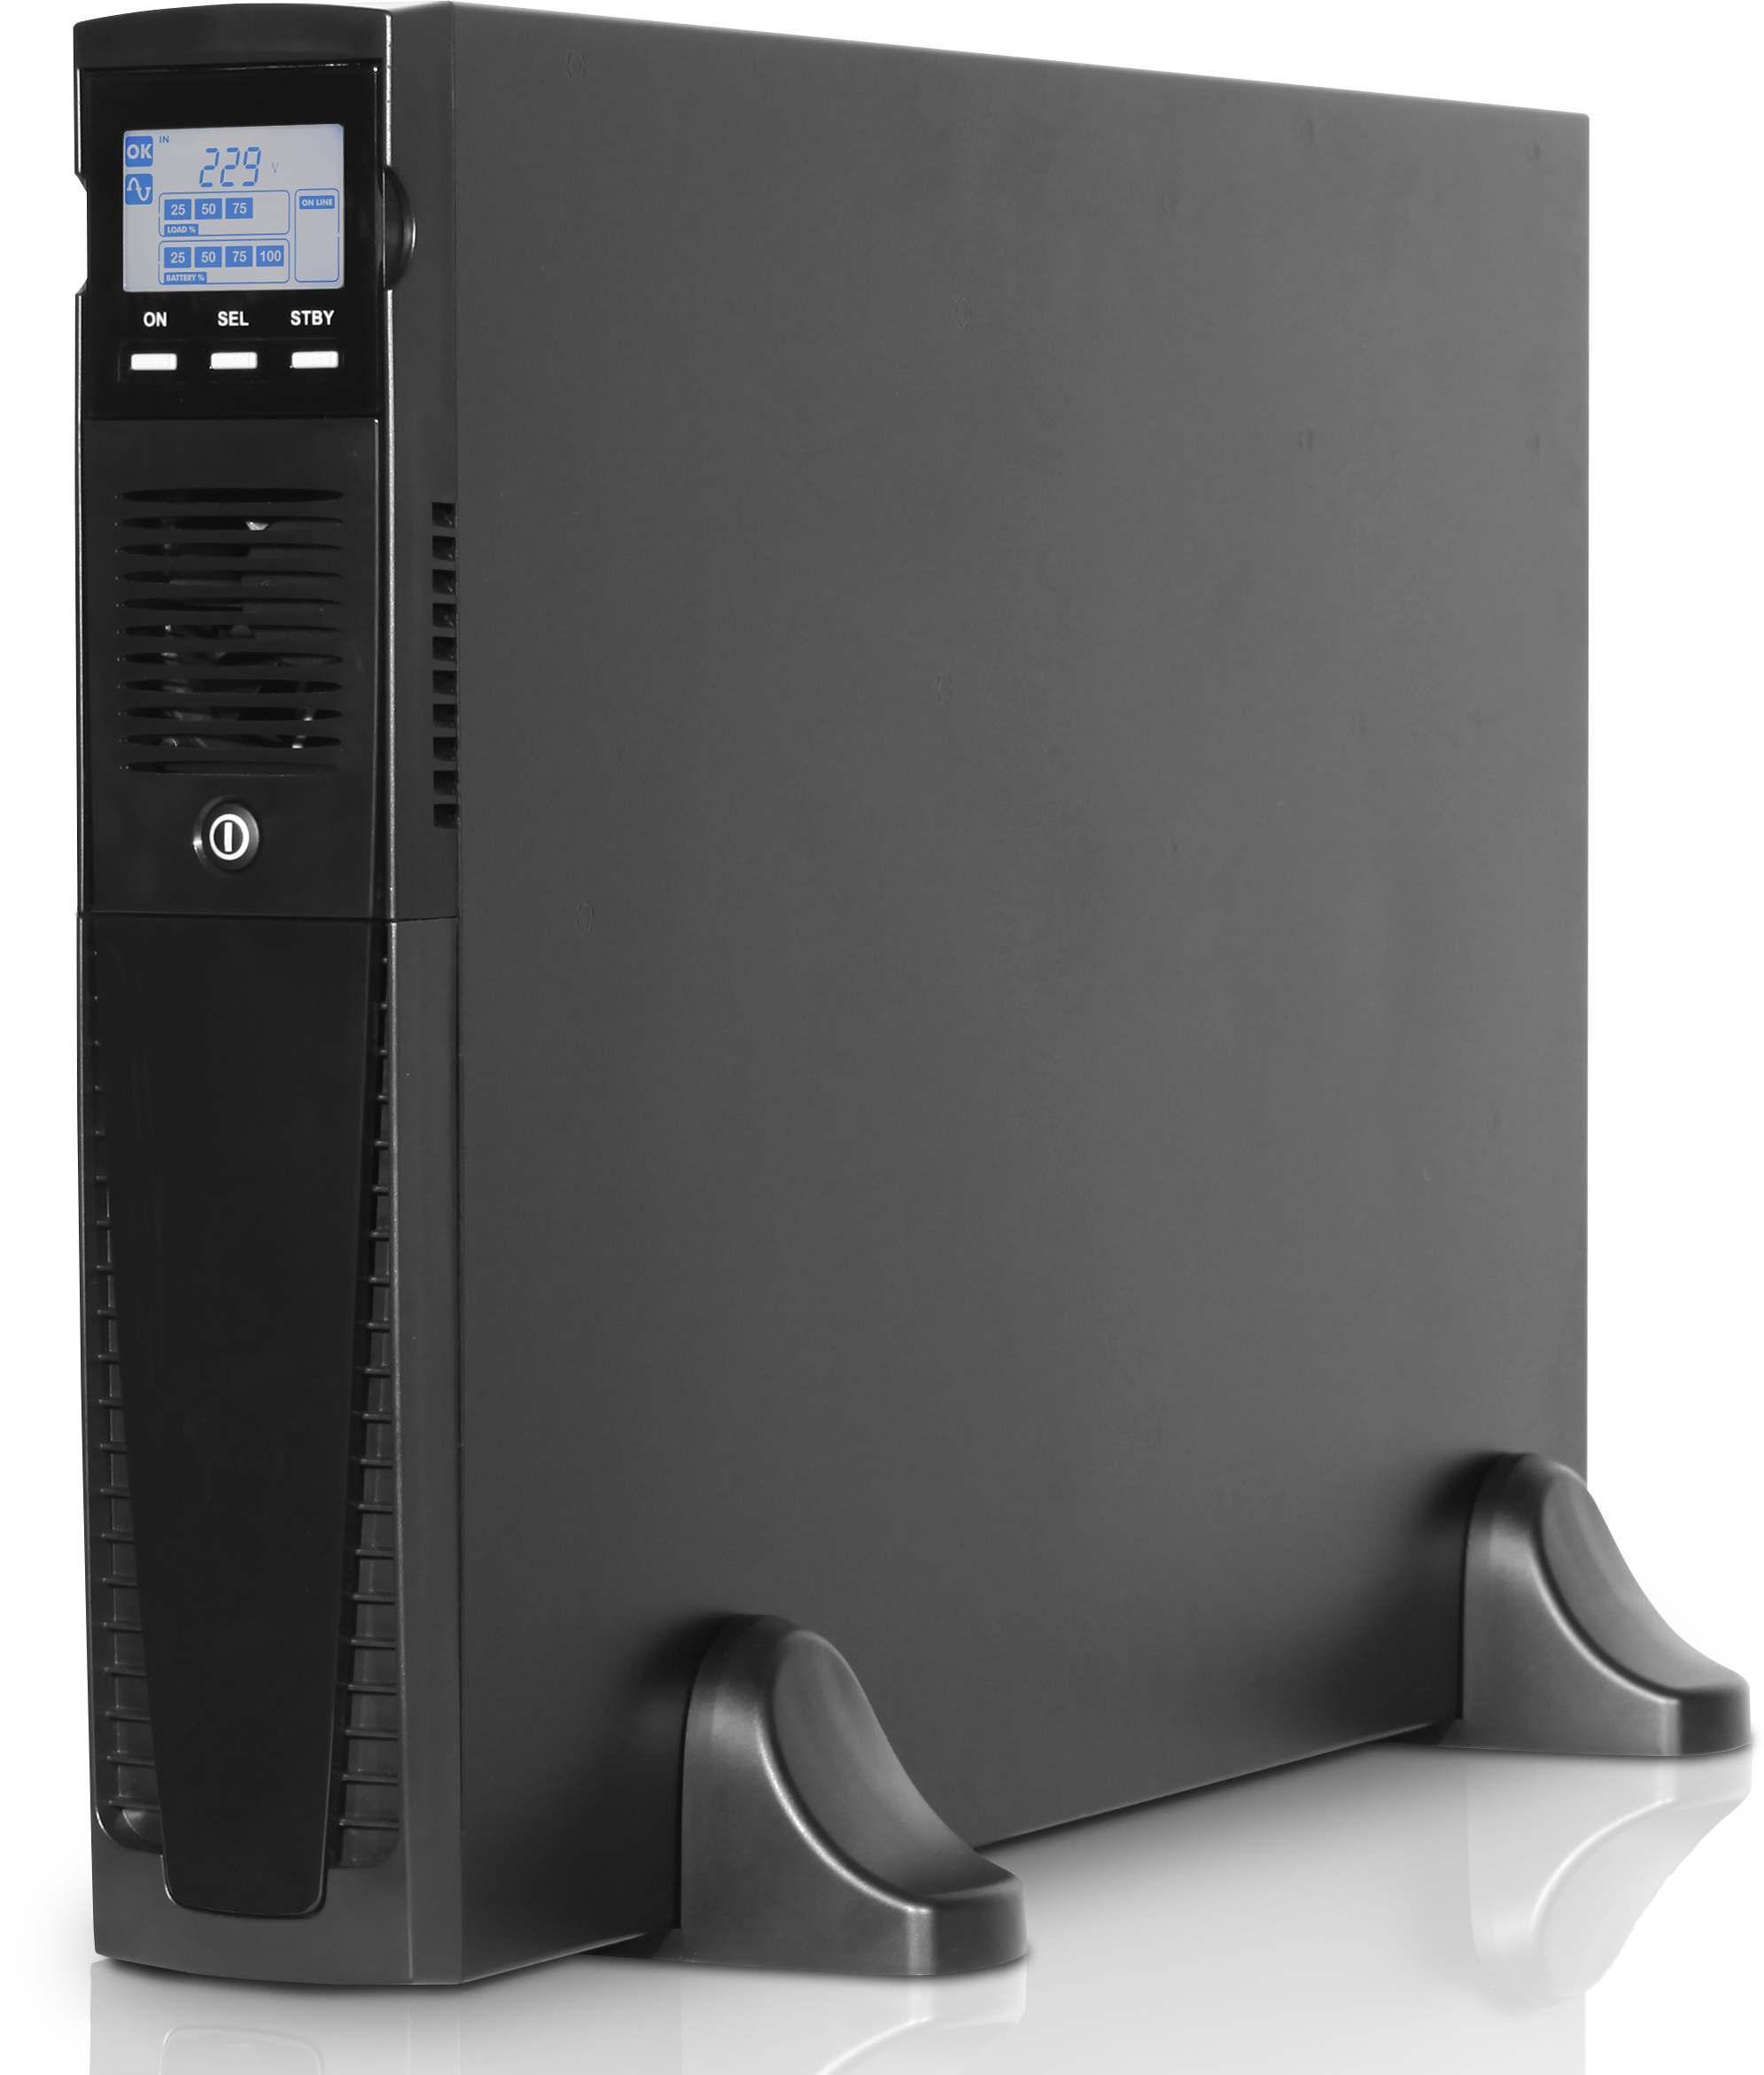 1 Stk USV GENIO Flex Plus Dual ER 3000VA 2400W 0 Min.1/1ph./Line-I USVSD300ER